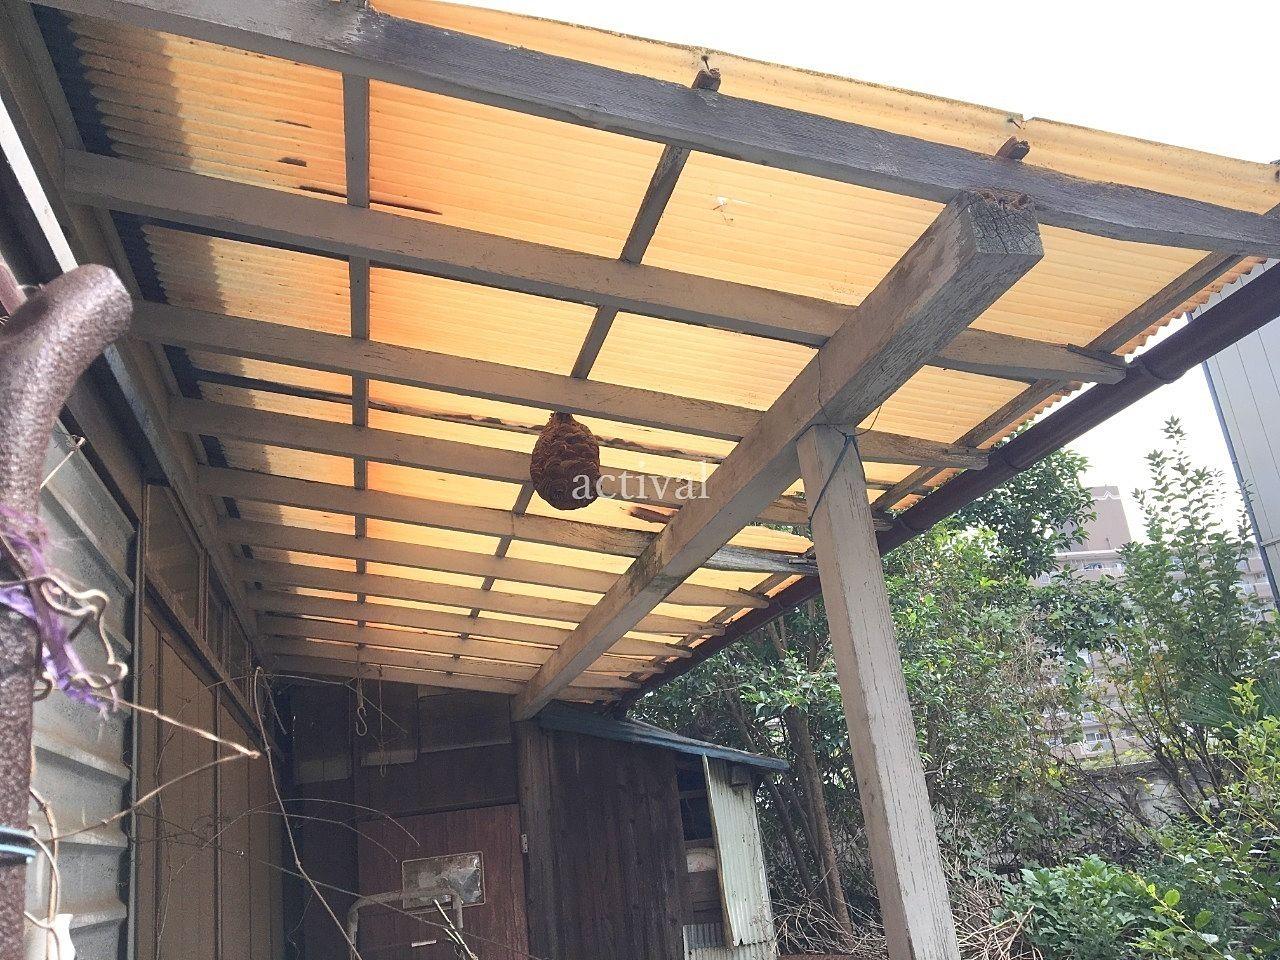 空き家にできたスズメバチの巣です。